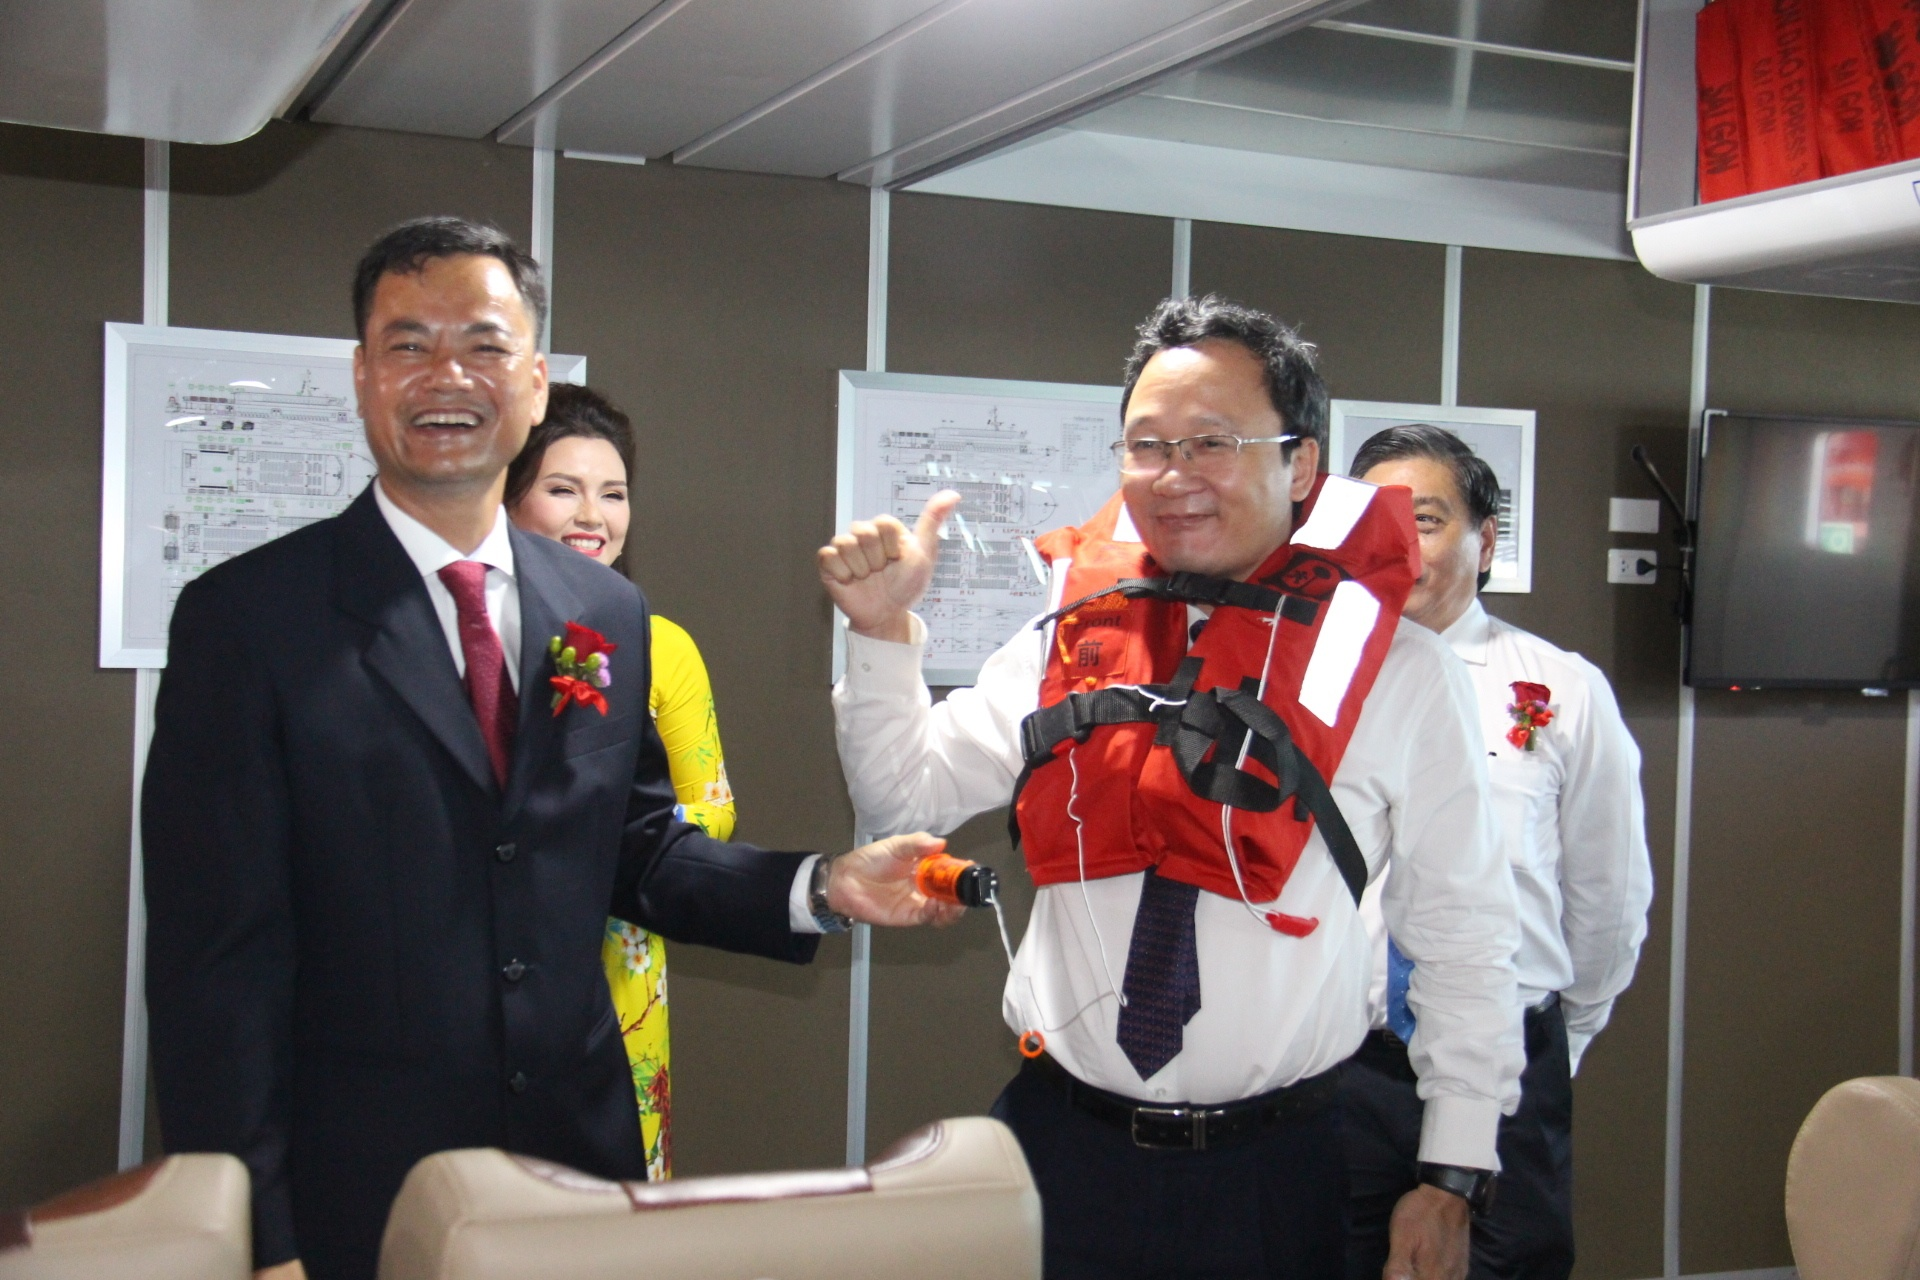 Bắt đầu khai thác tuyến tàu cao tốc Vũng Tàu - Côn Đảo Ảnh 3